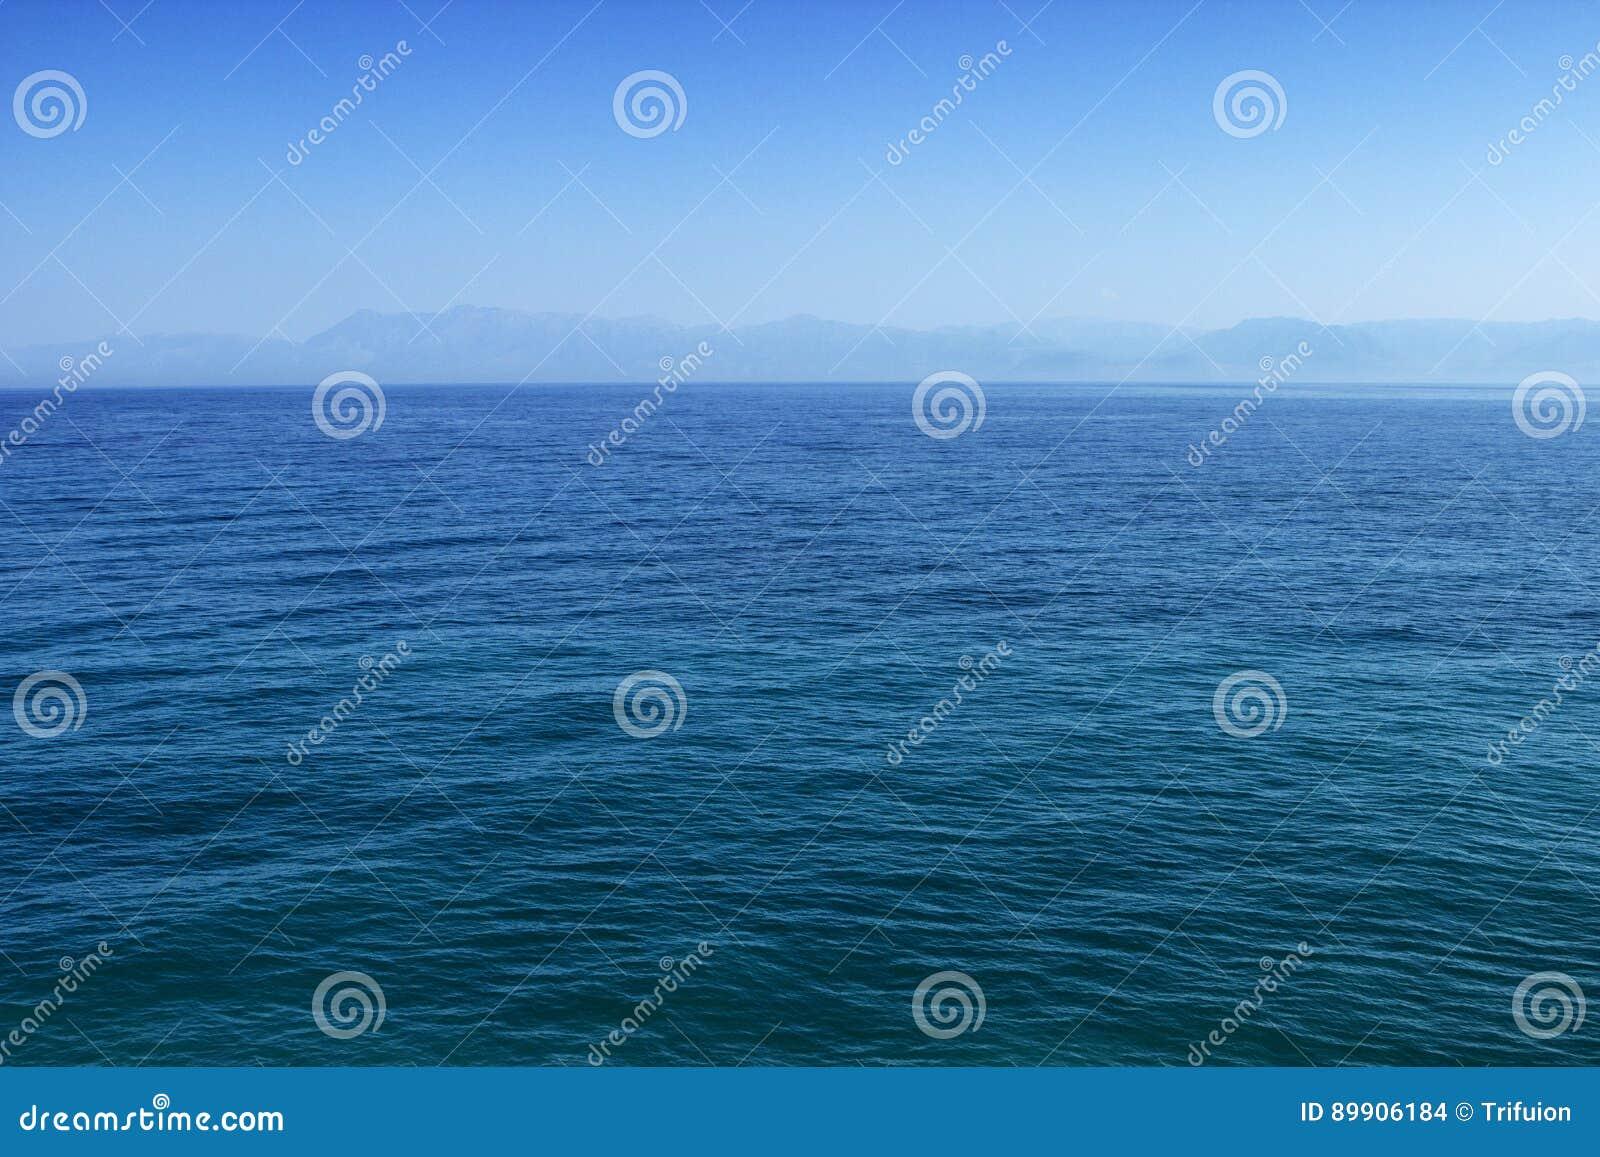 Blaue See- oder Ozeanwasseroberfläche mit Horizont und Himmel